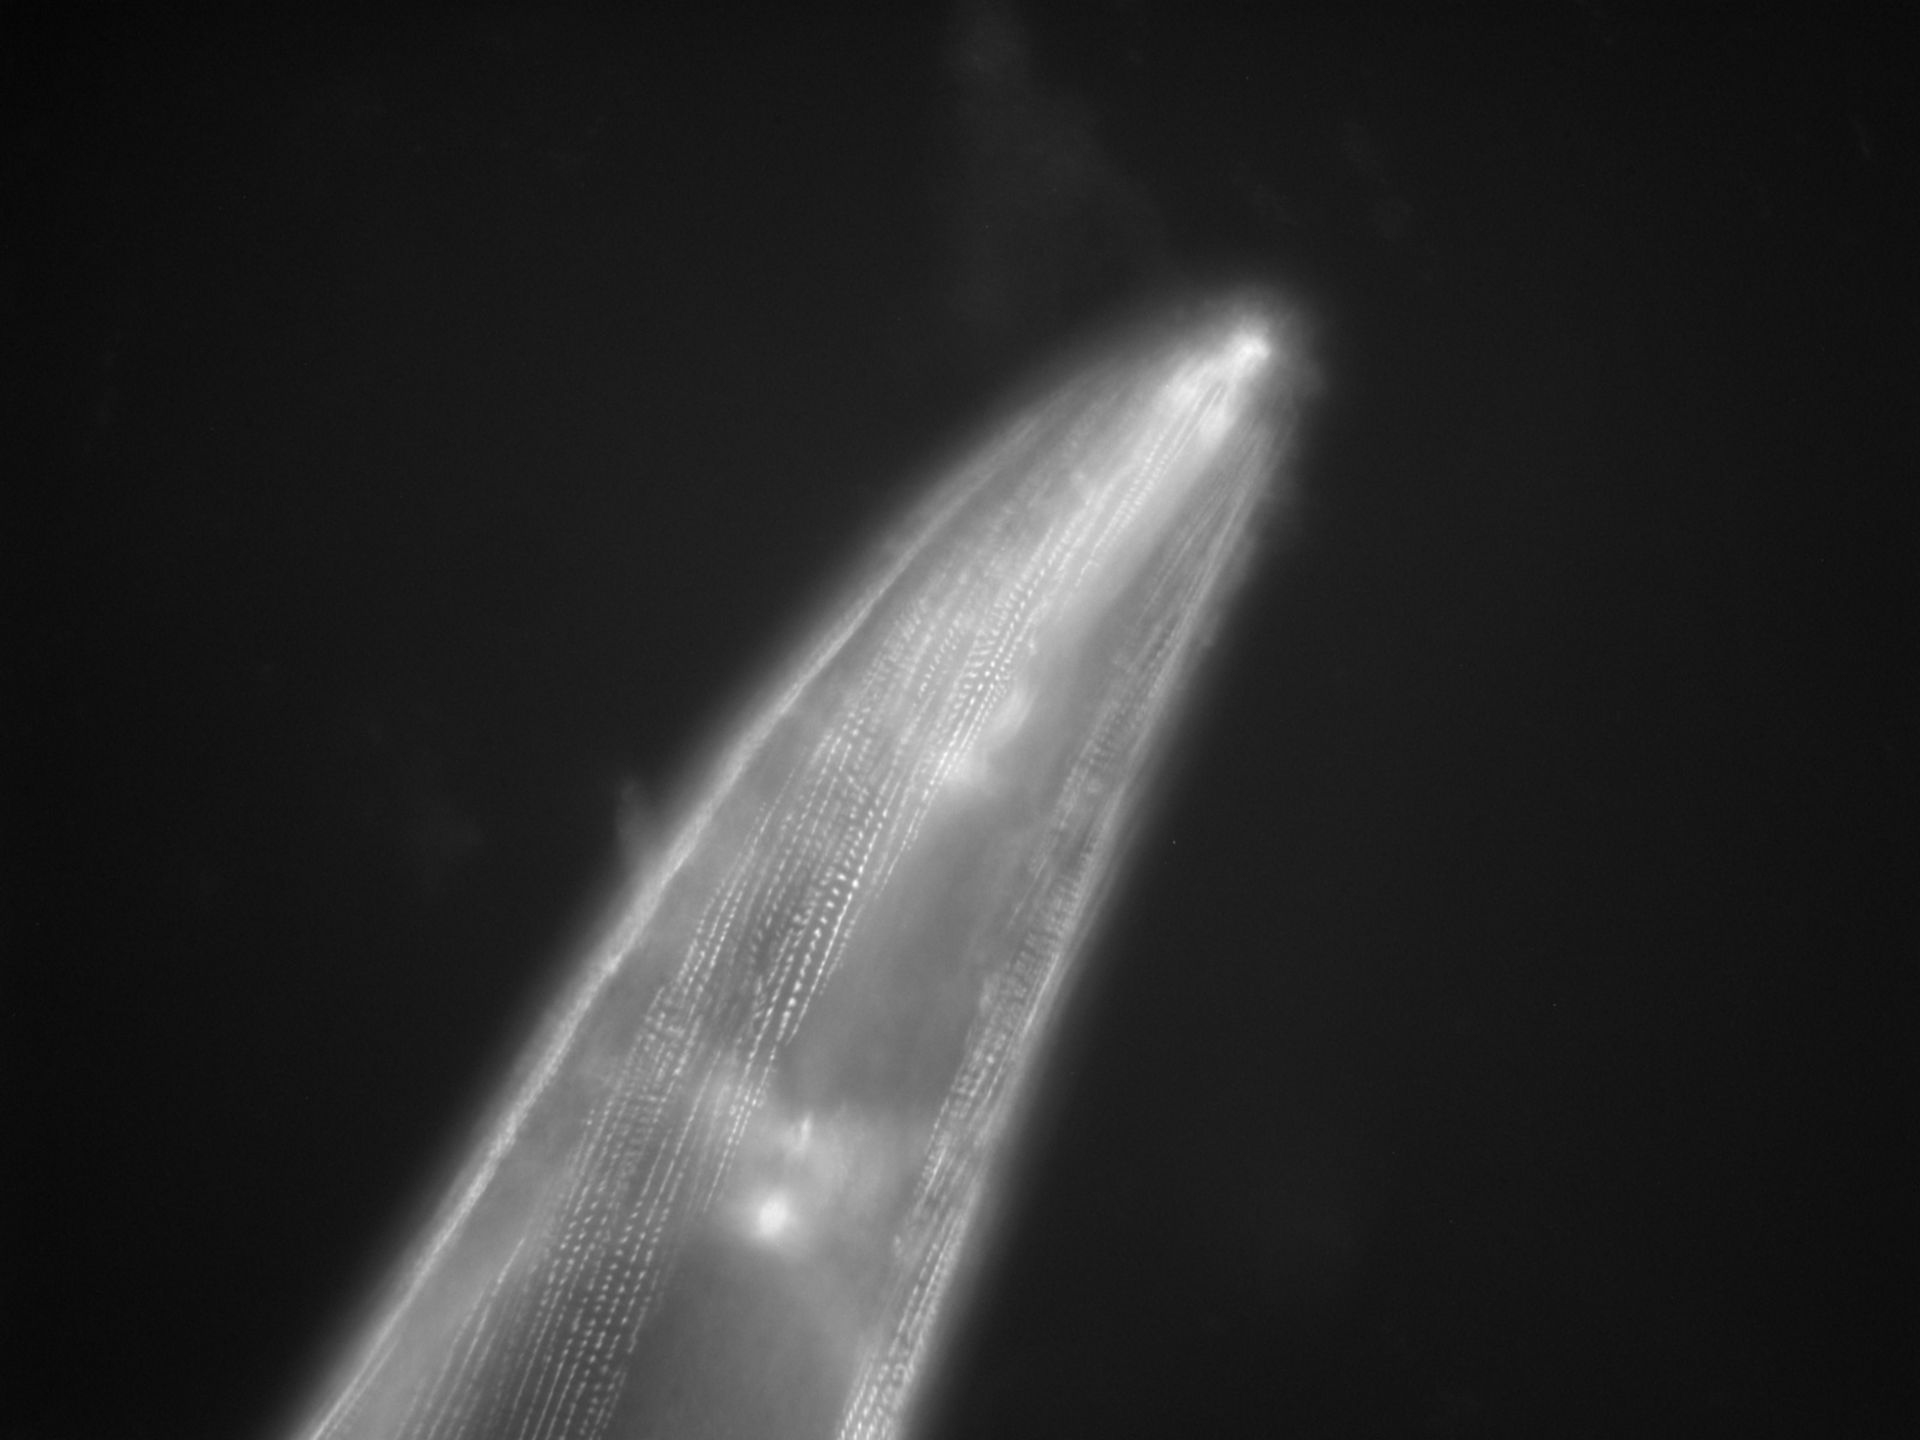 Caenorhabditis elegans (Actin filament) - CIL:1115